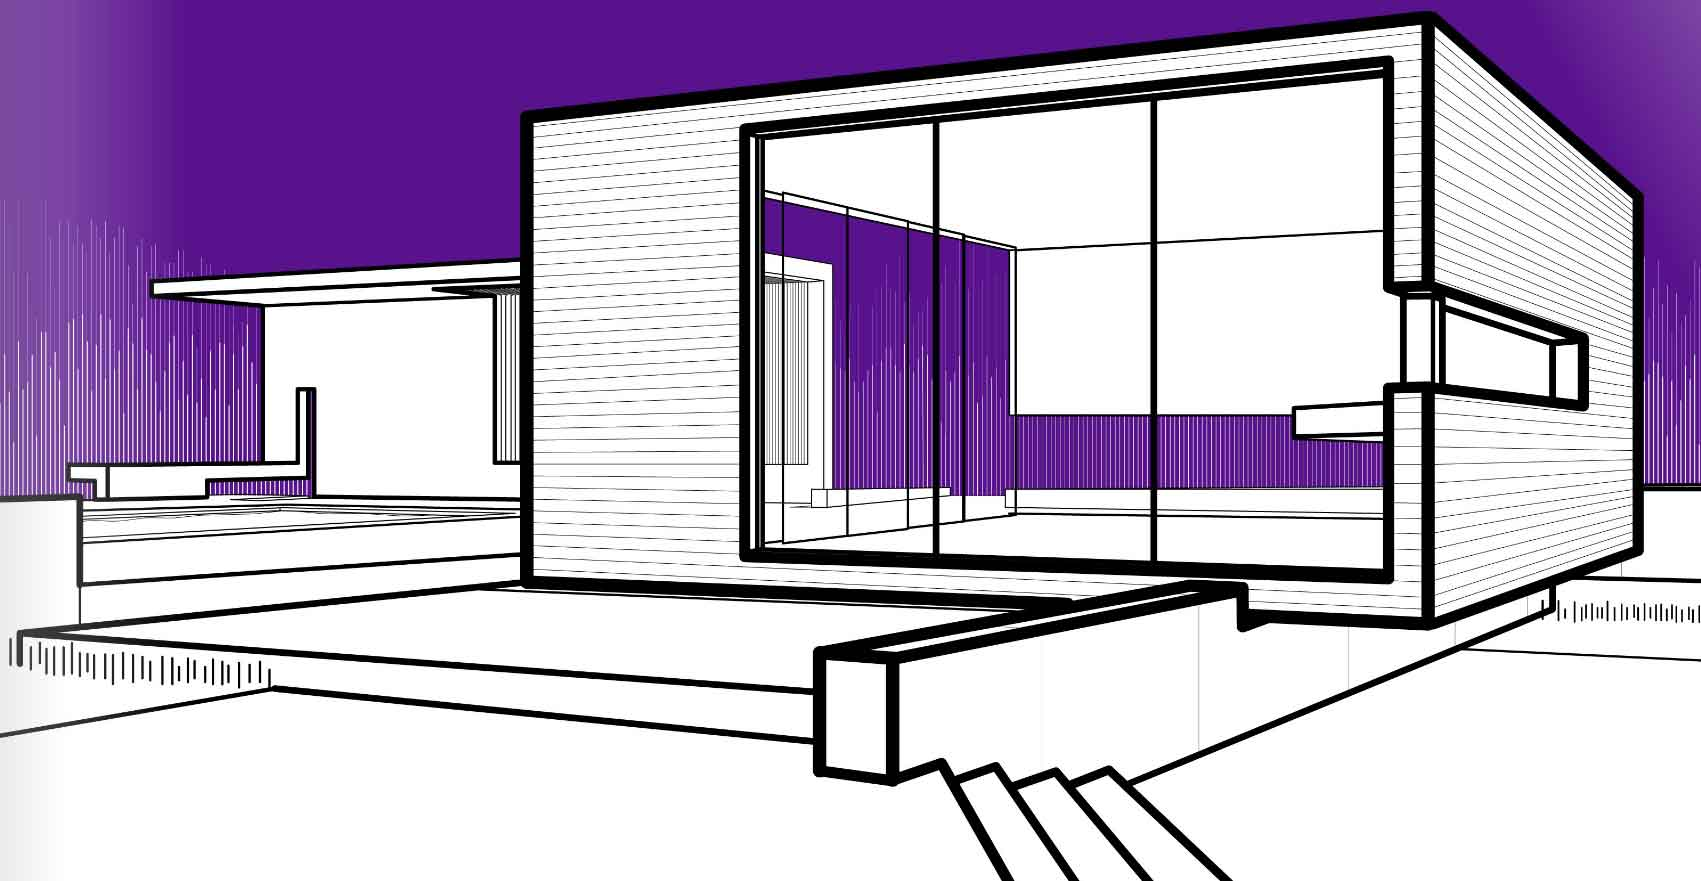 Dibujos para colorear arquitectura y algo m s for Dibujo de una oficina moderna